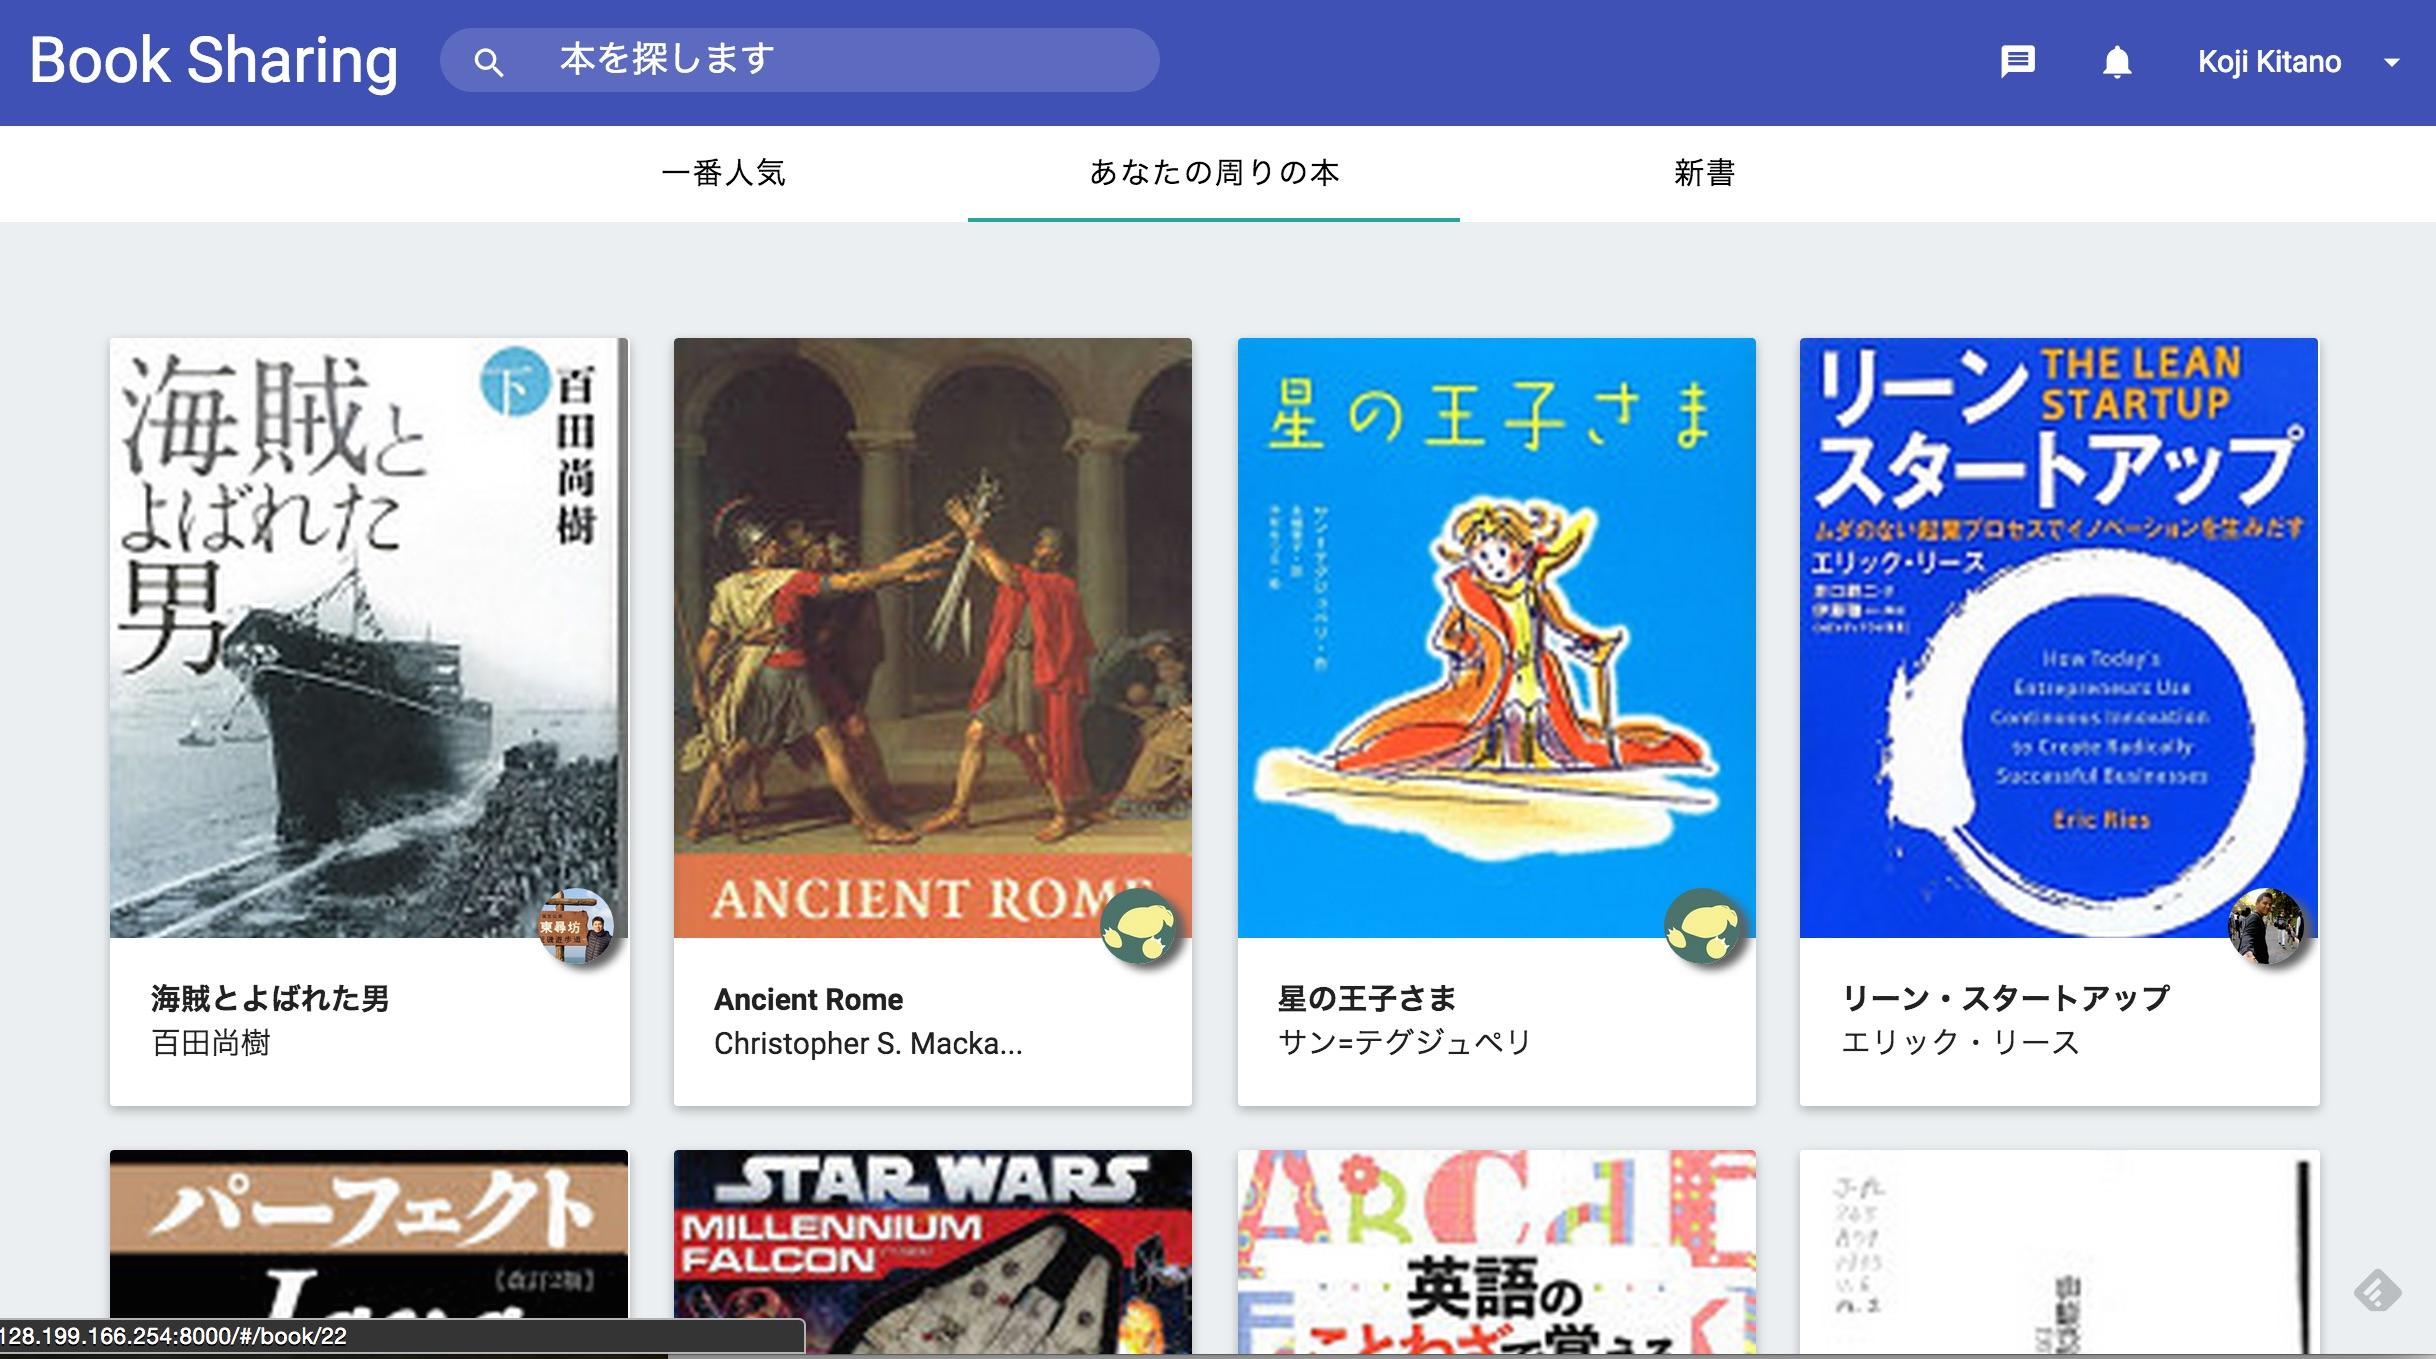 Shiroがリーンスタートアップにて開発しているMVP「Booksharing」